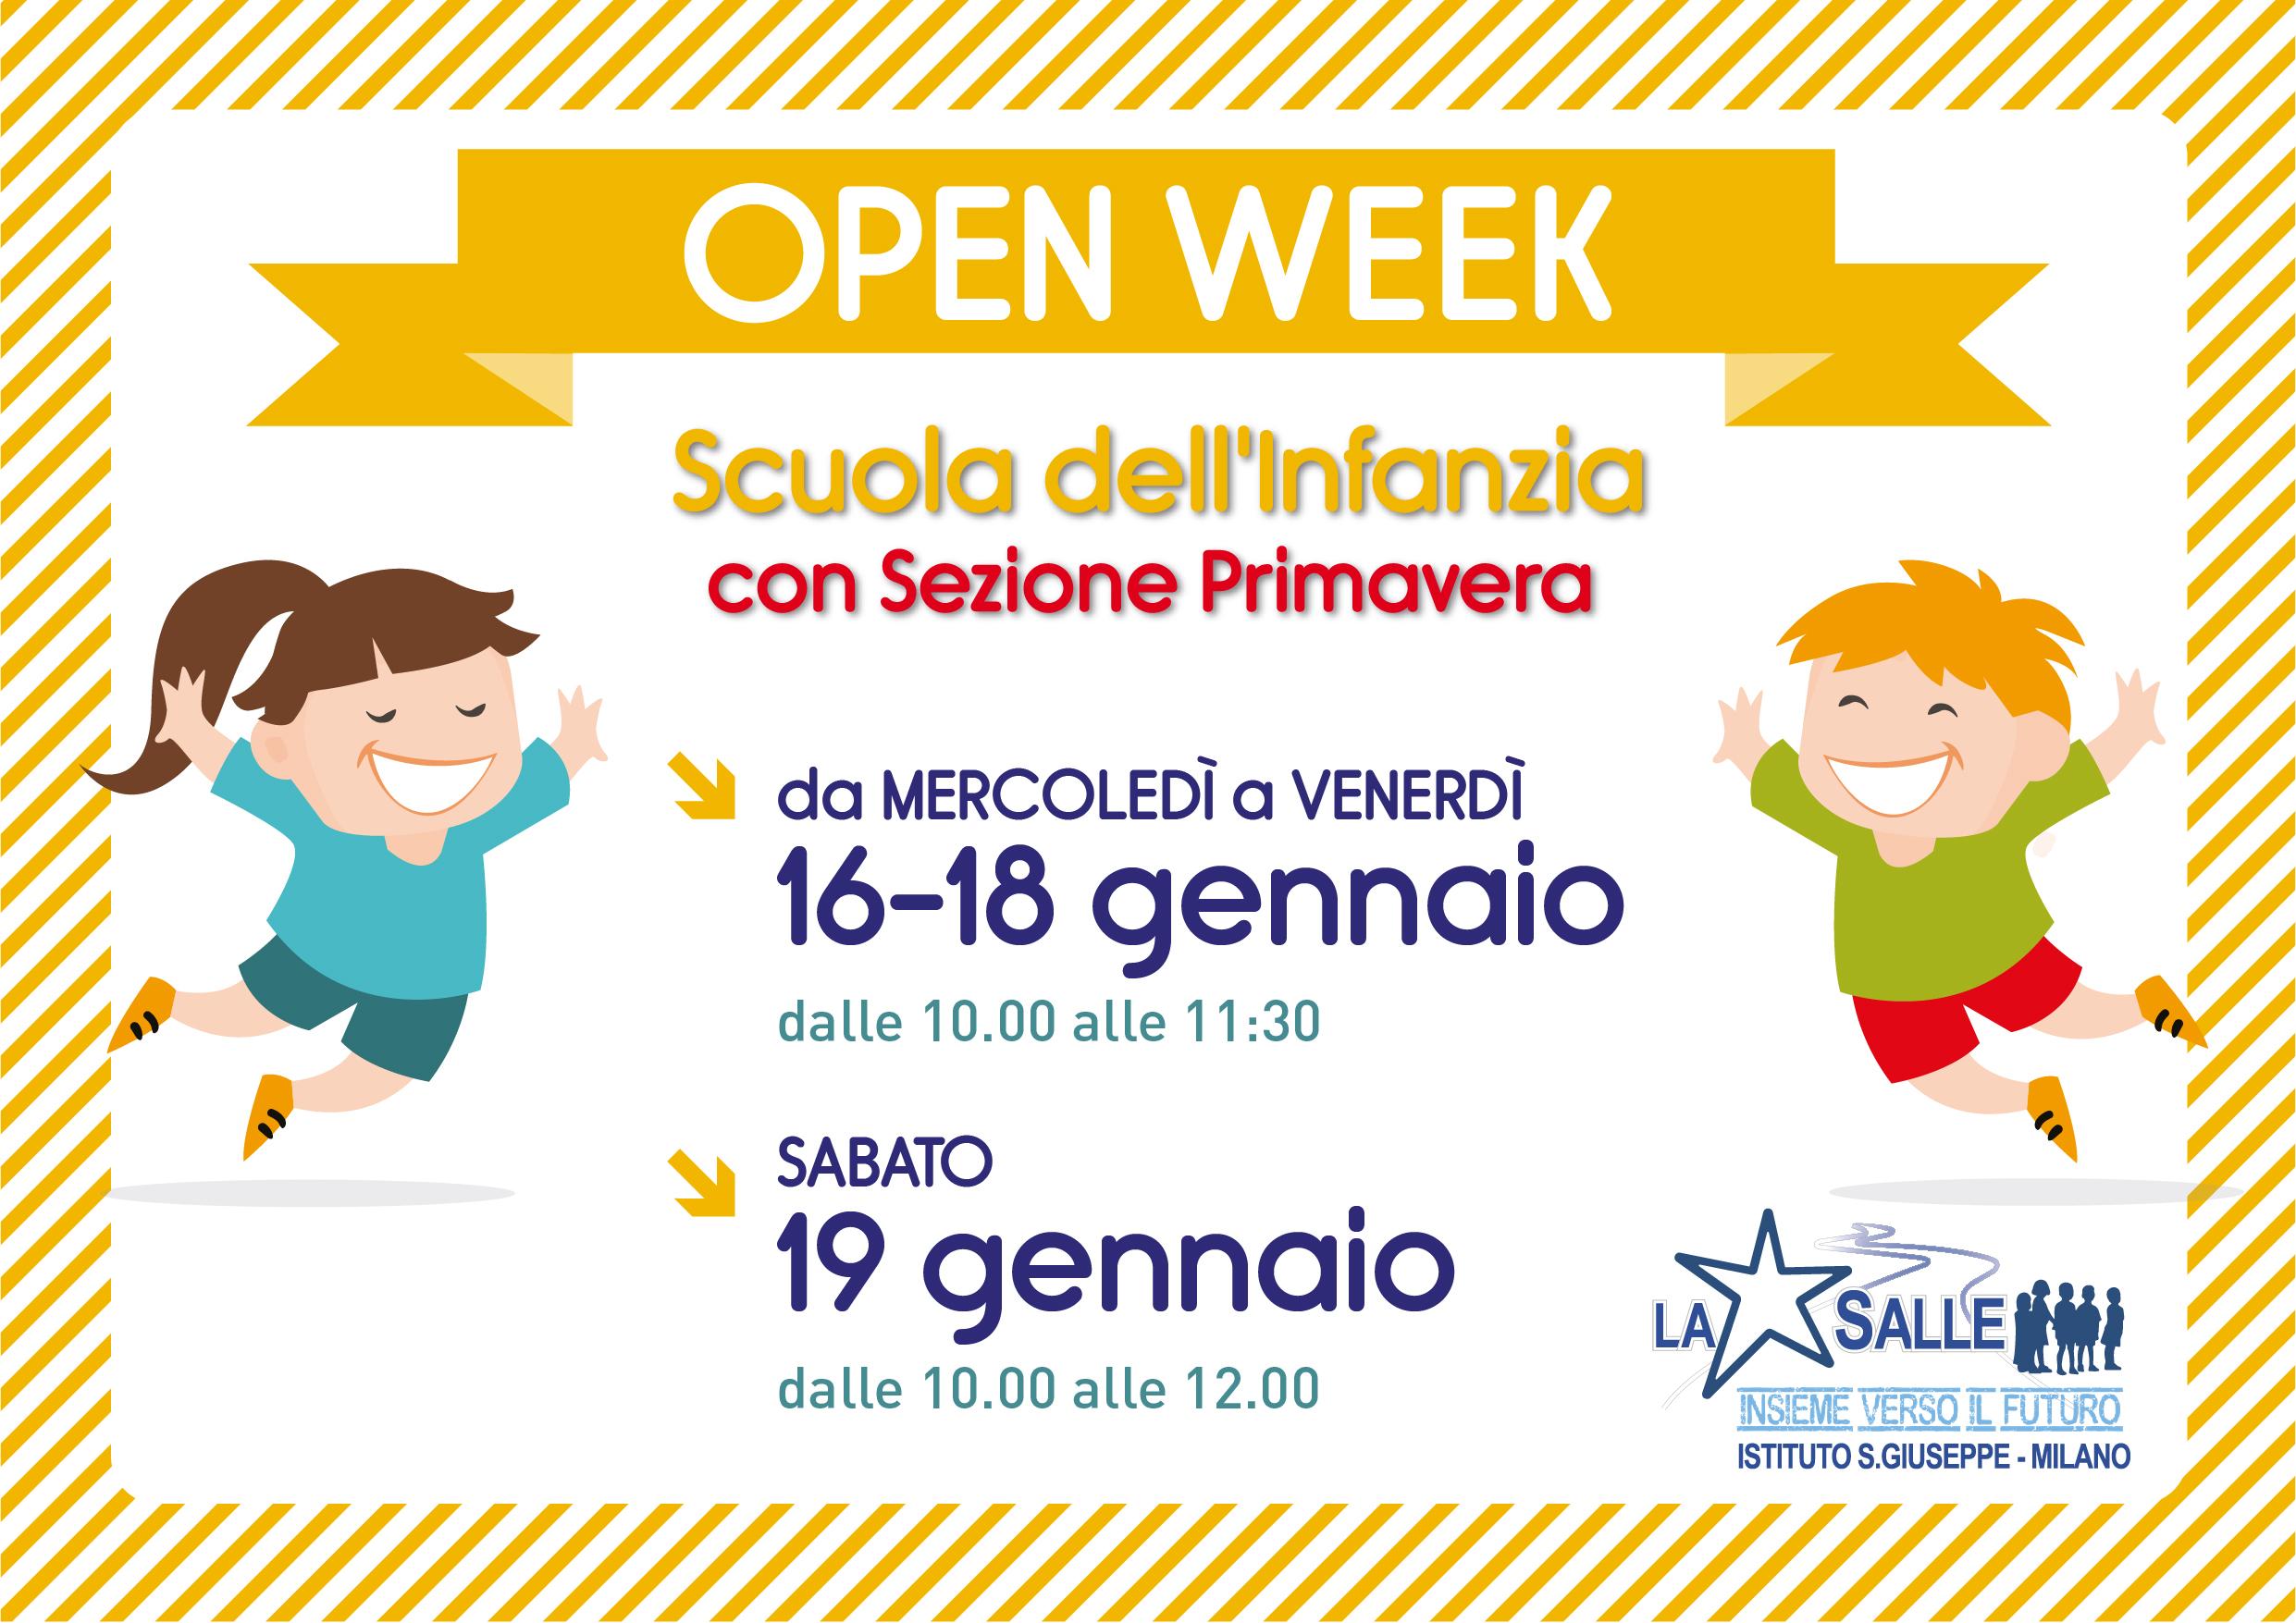 Istituto San Giuseppe La Salle Milano Open Week Scuola dell'Infanzia 2018-2019